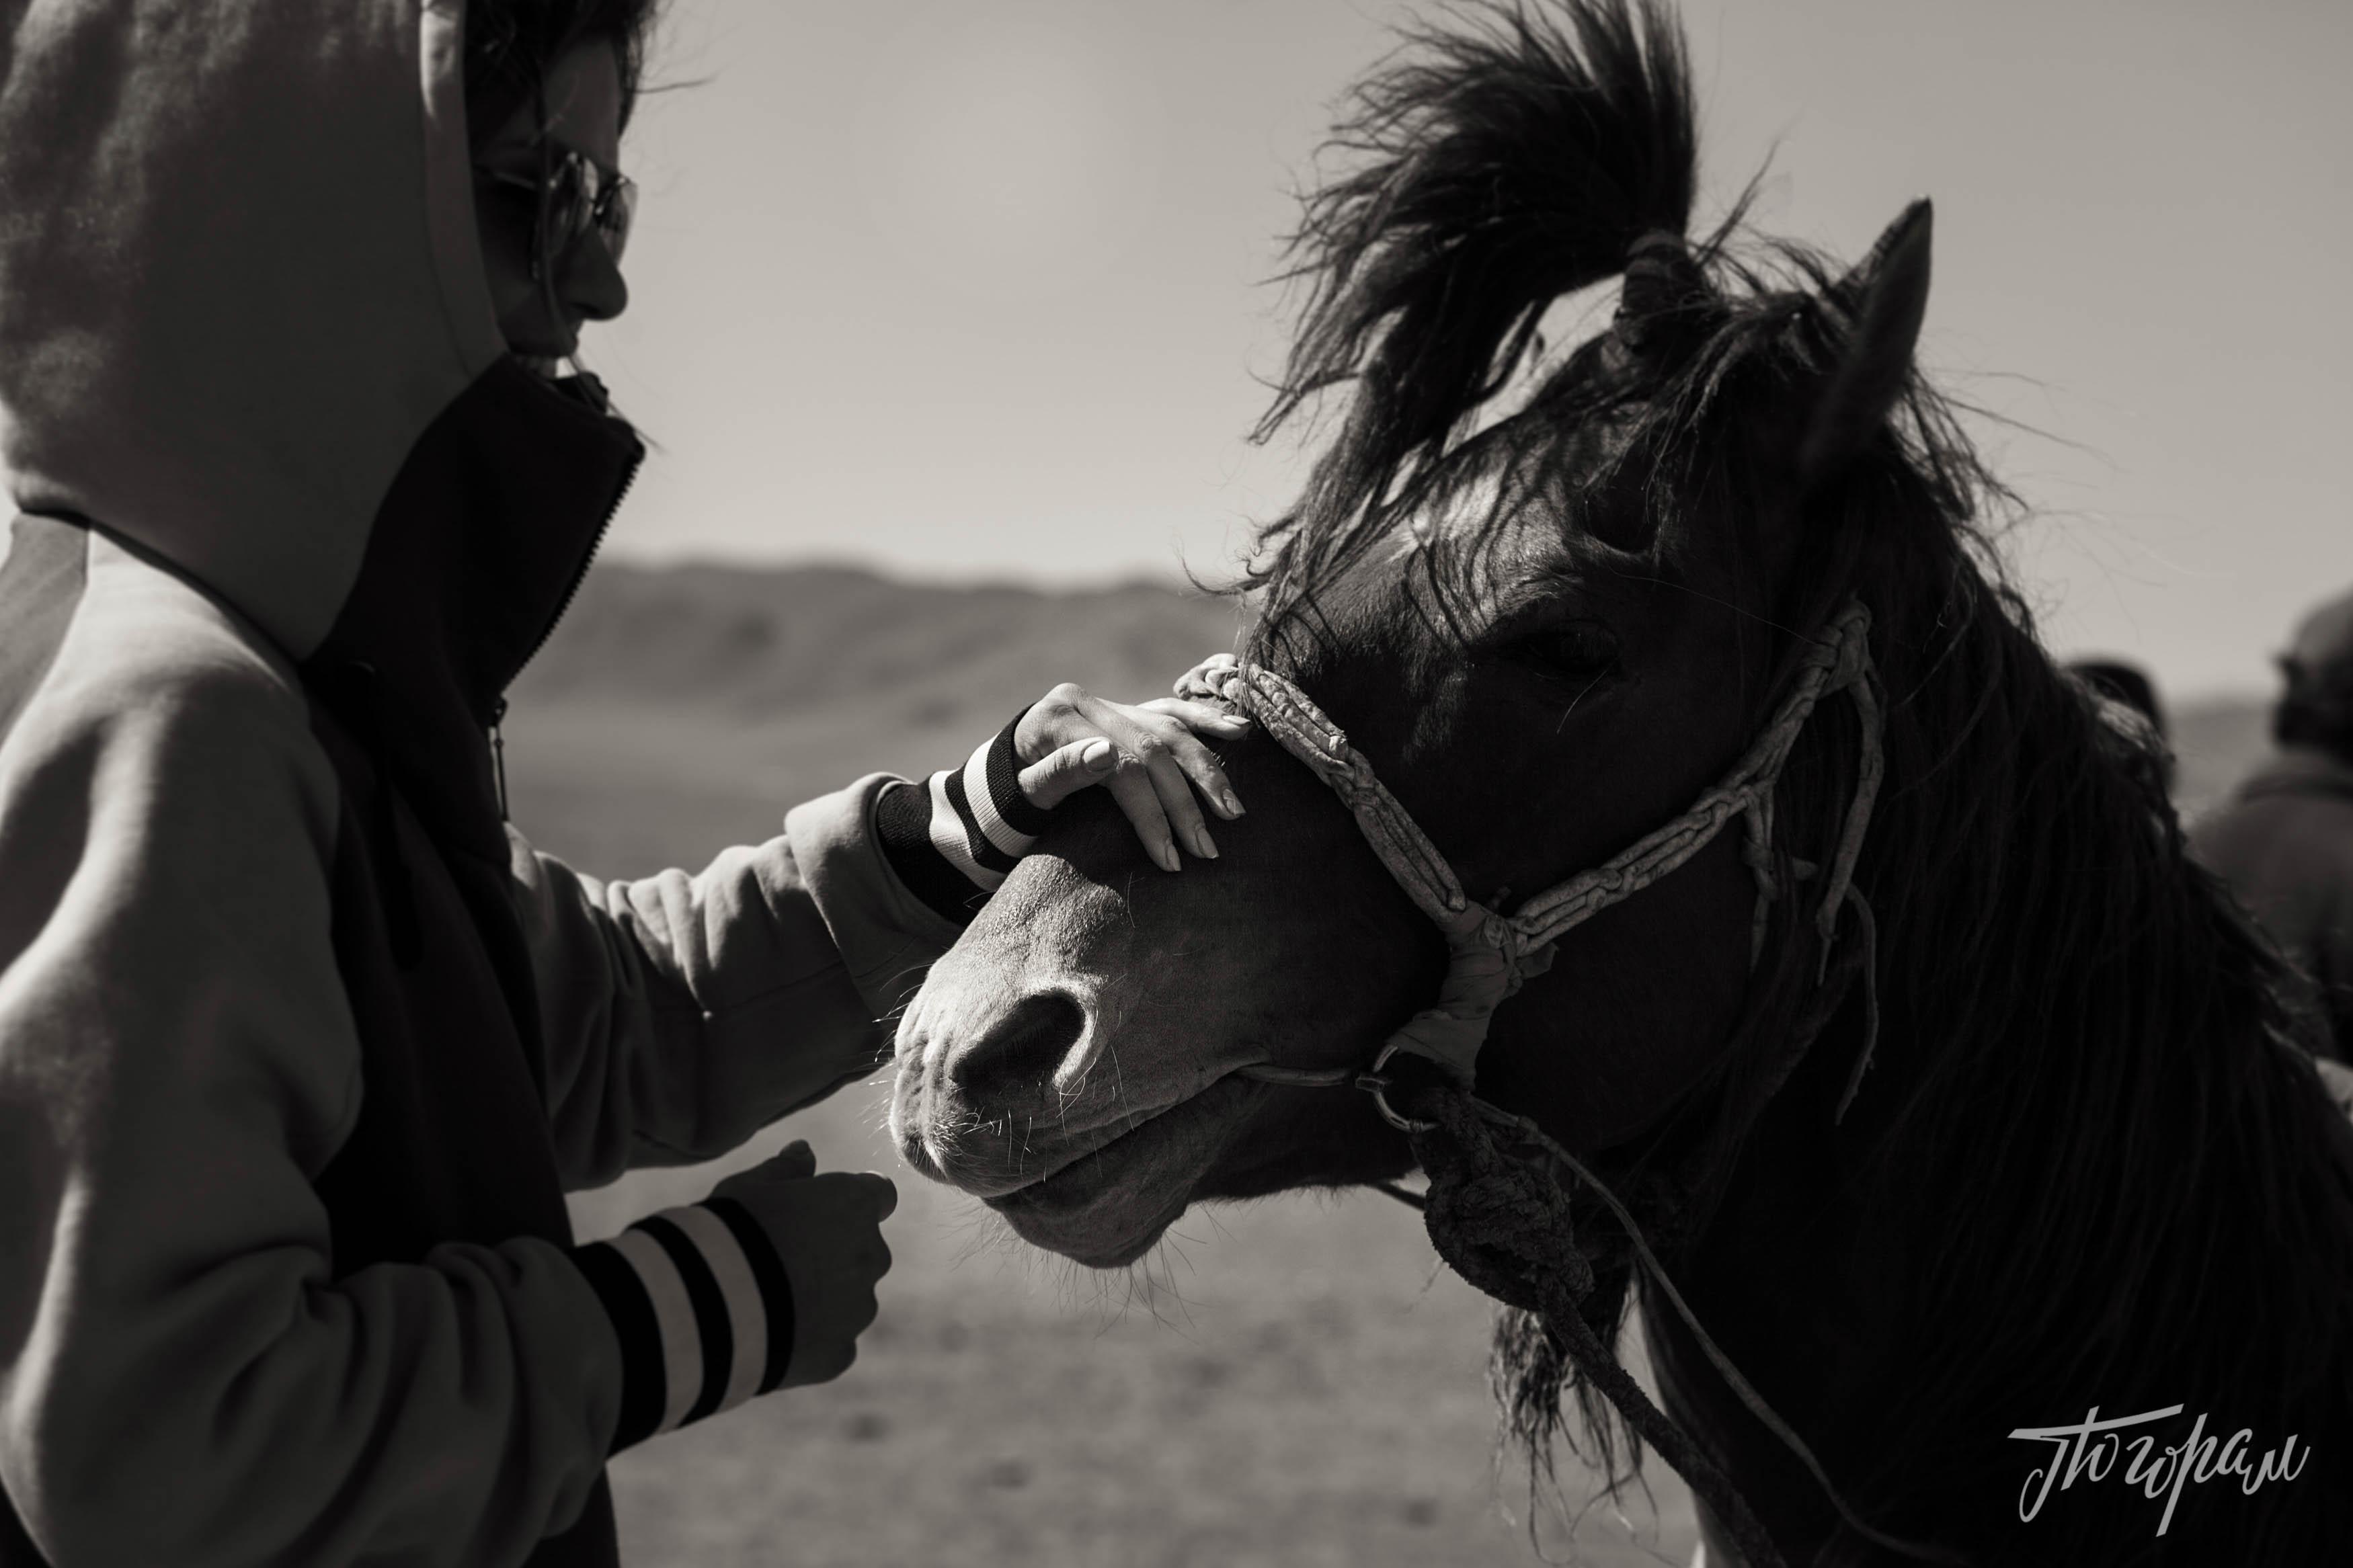 mongoliapogoram25